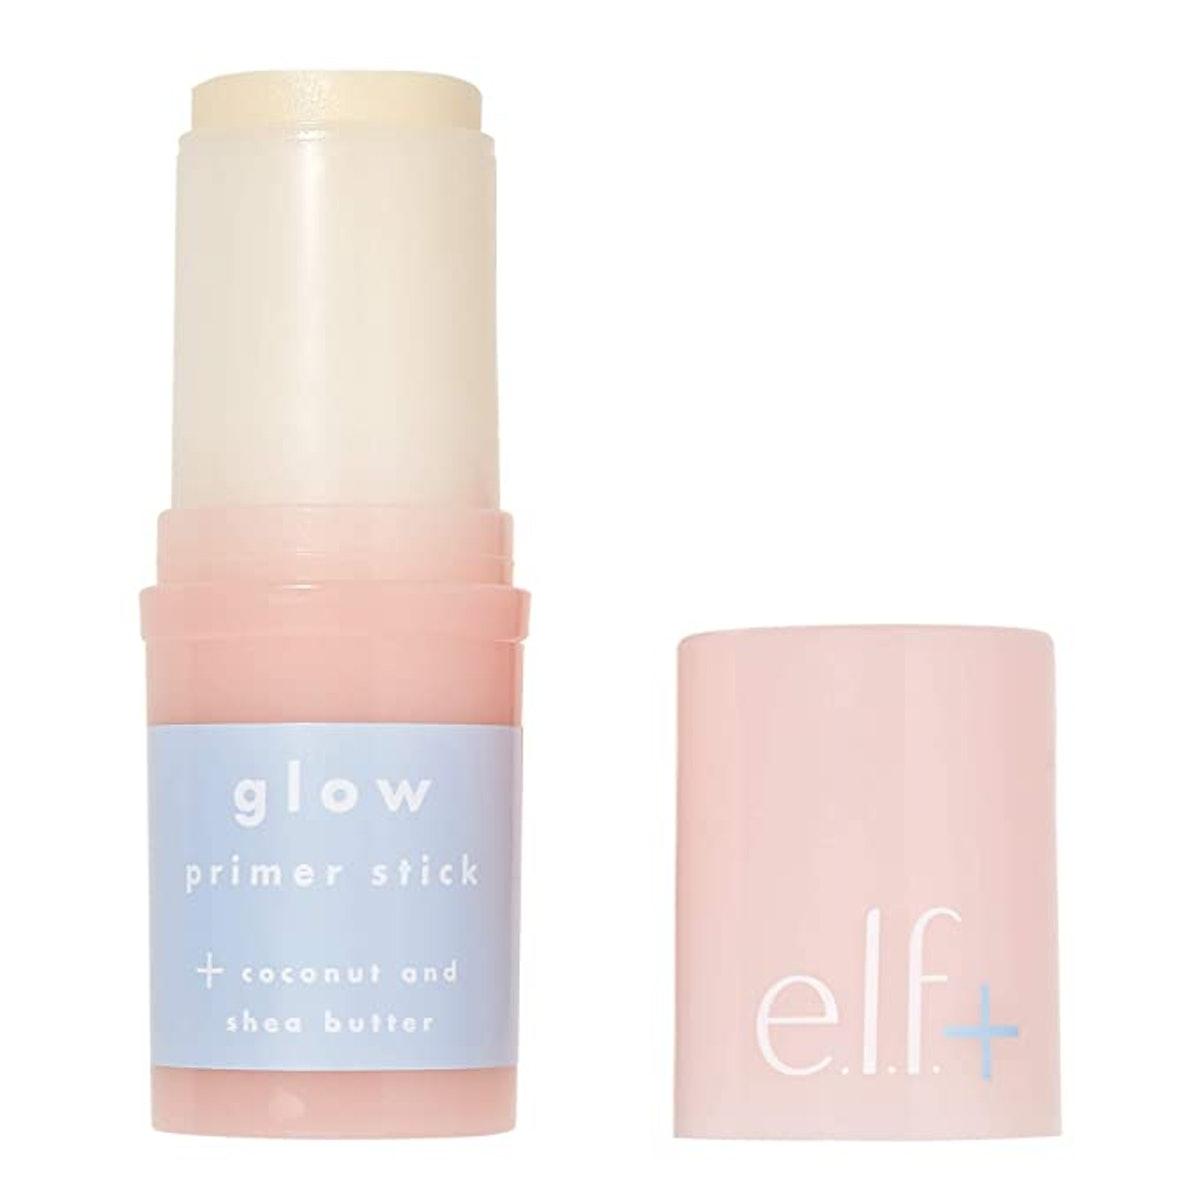 e.l.f. Elf+ Glow Primer Stick